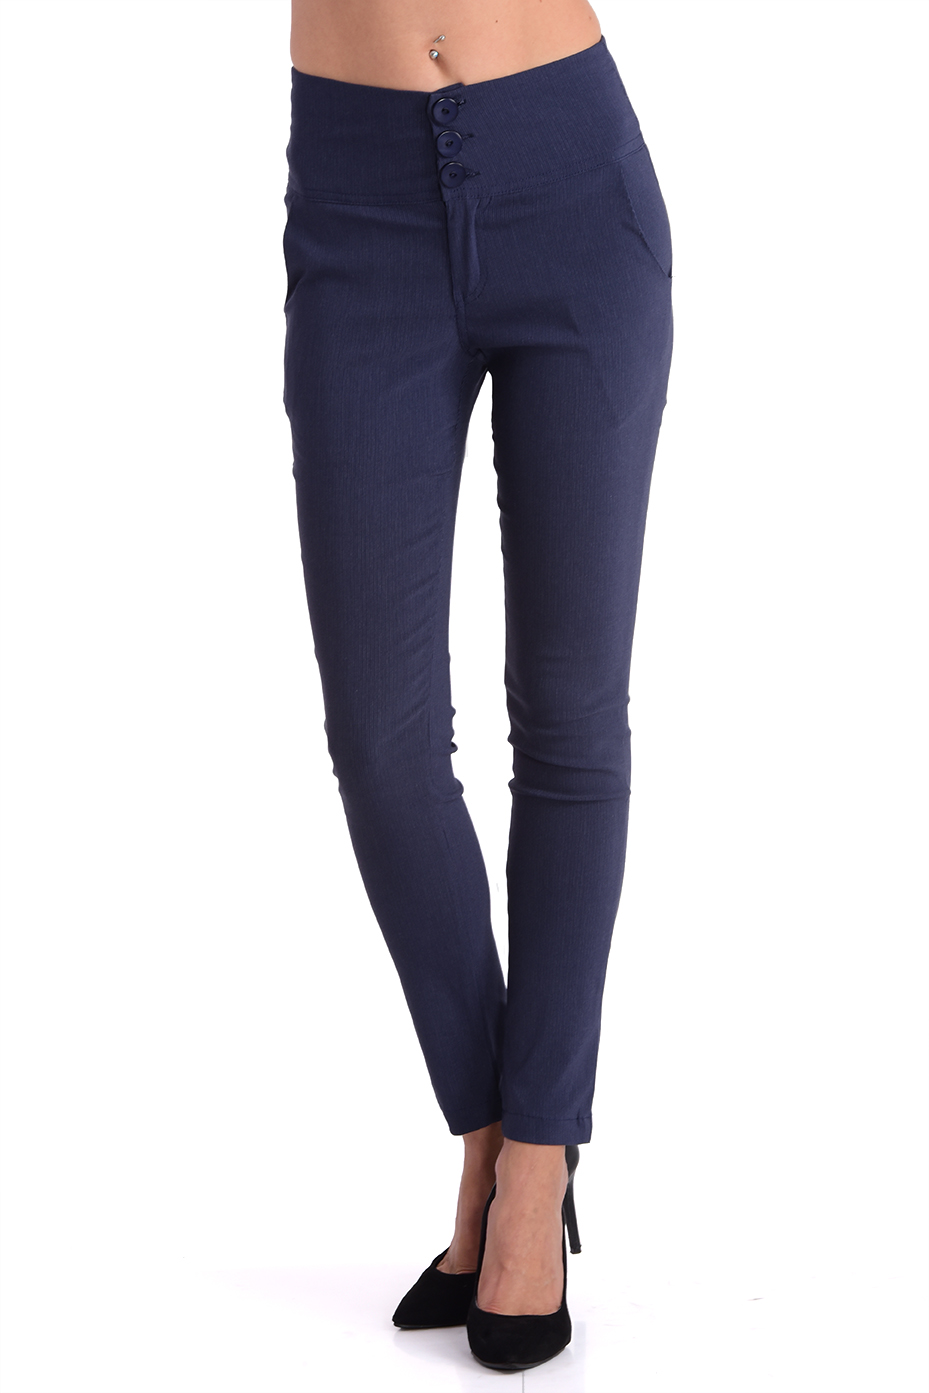 מכנס מליגנט כחול